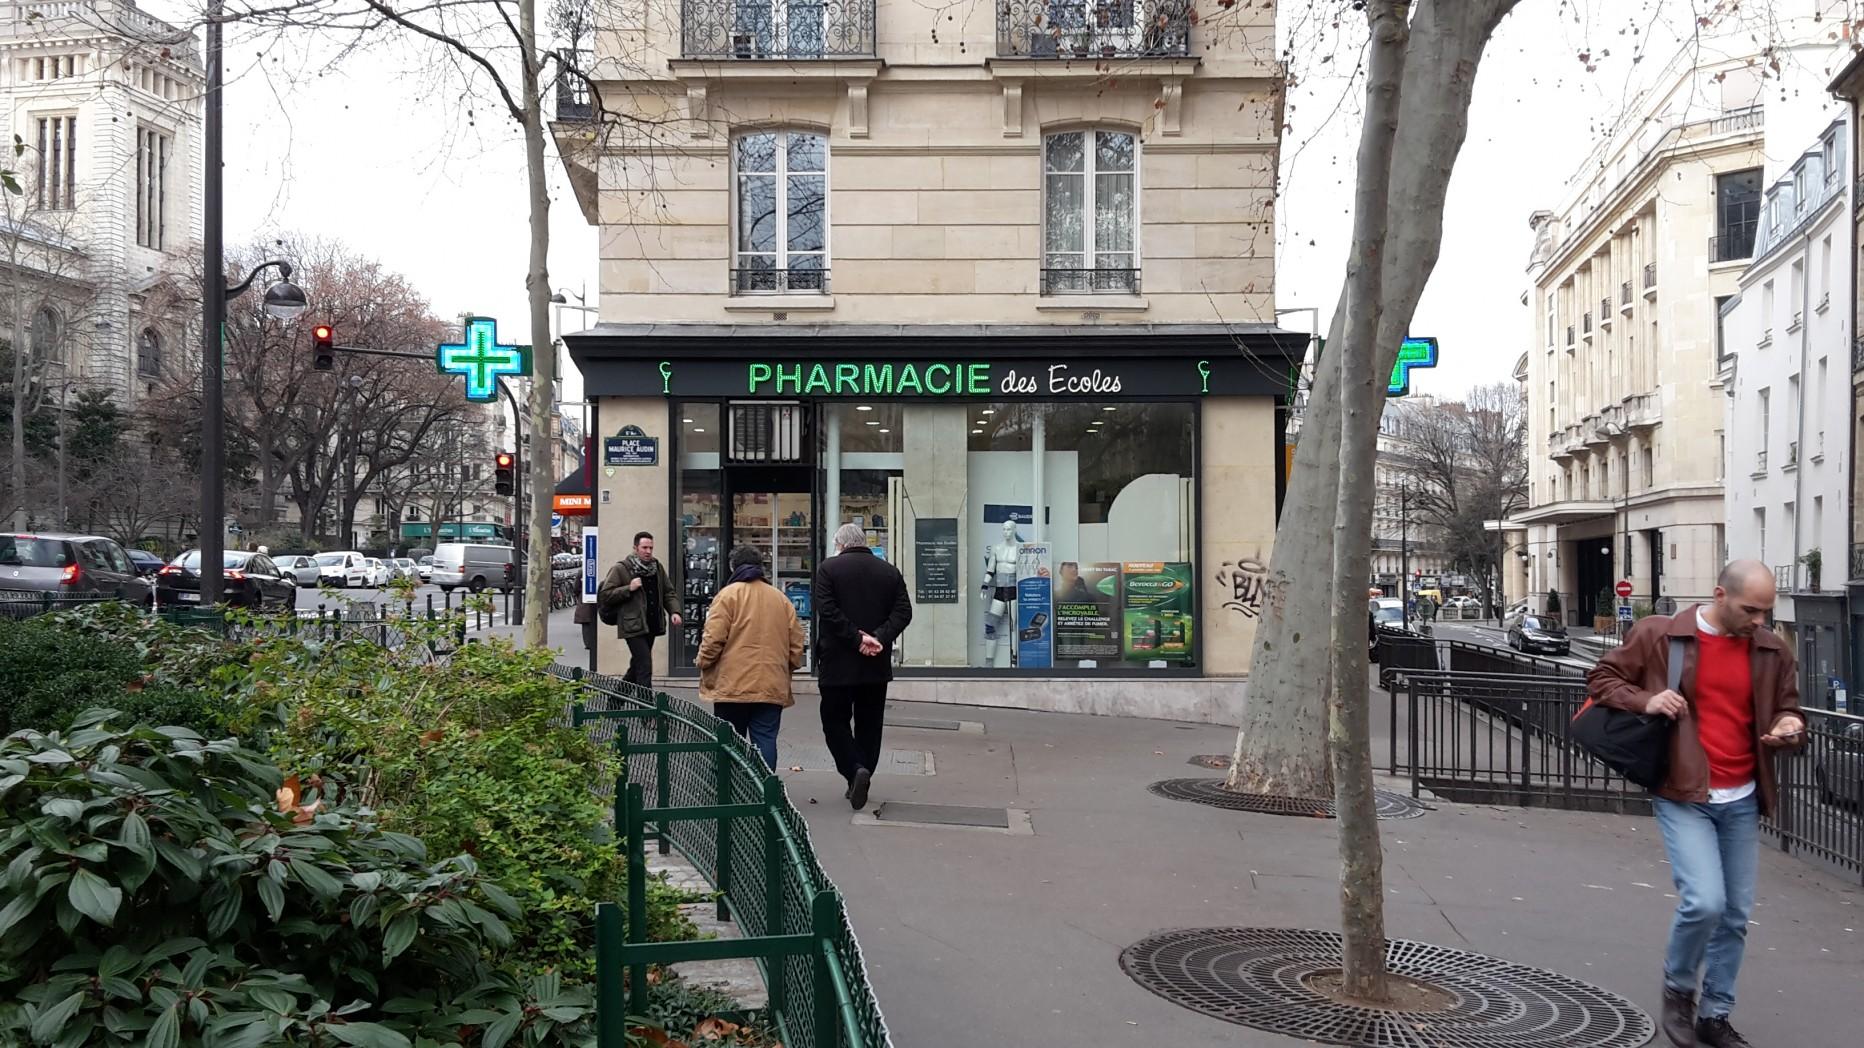 Pharmacie des écoles